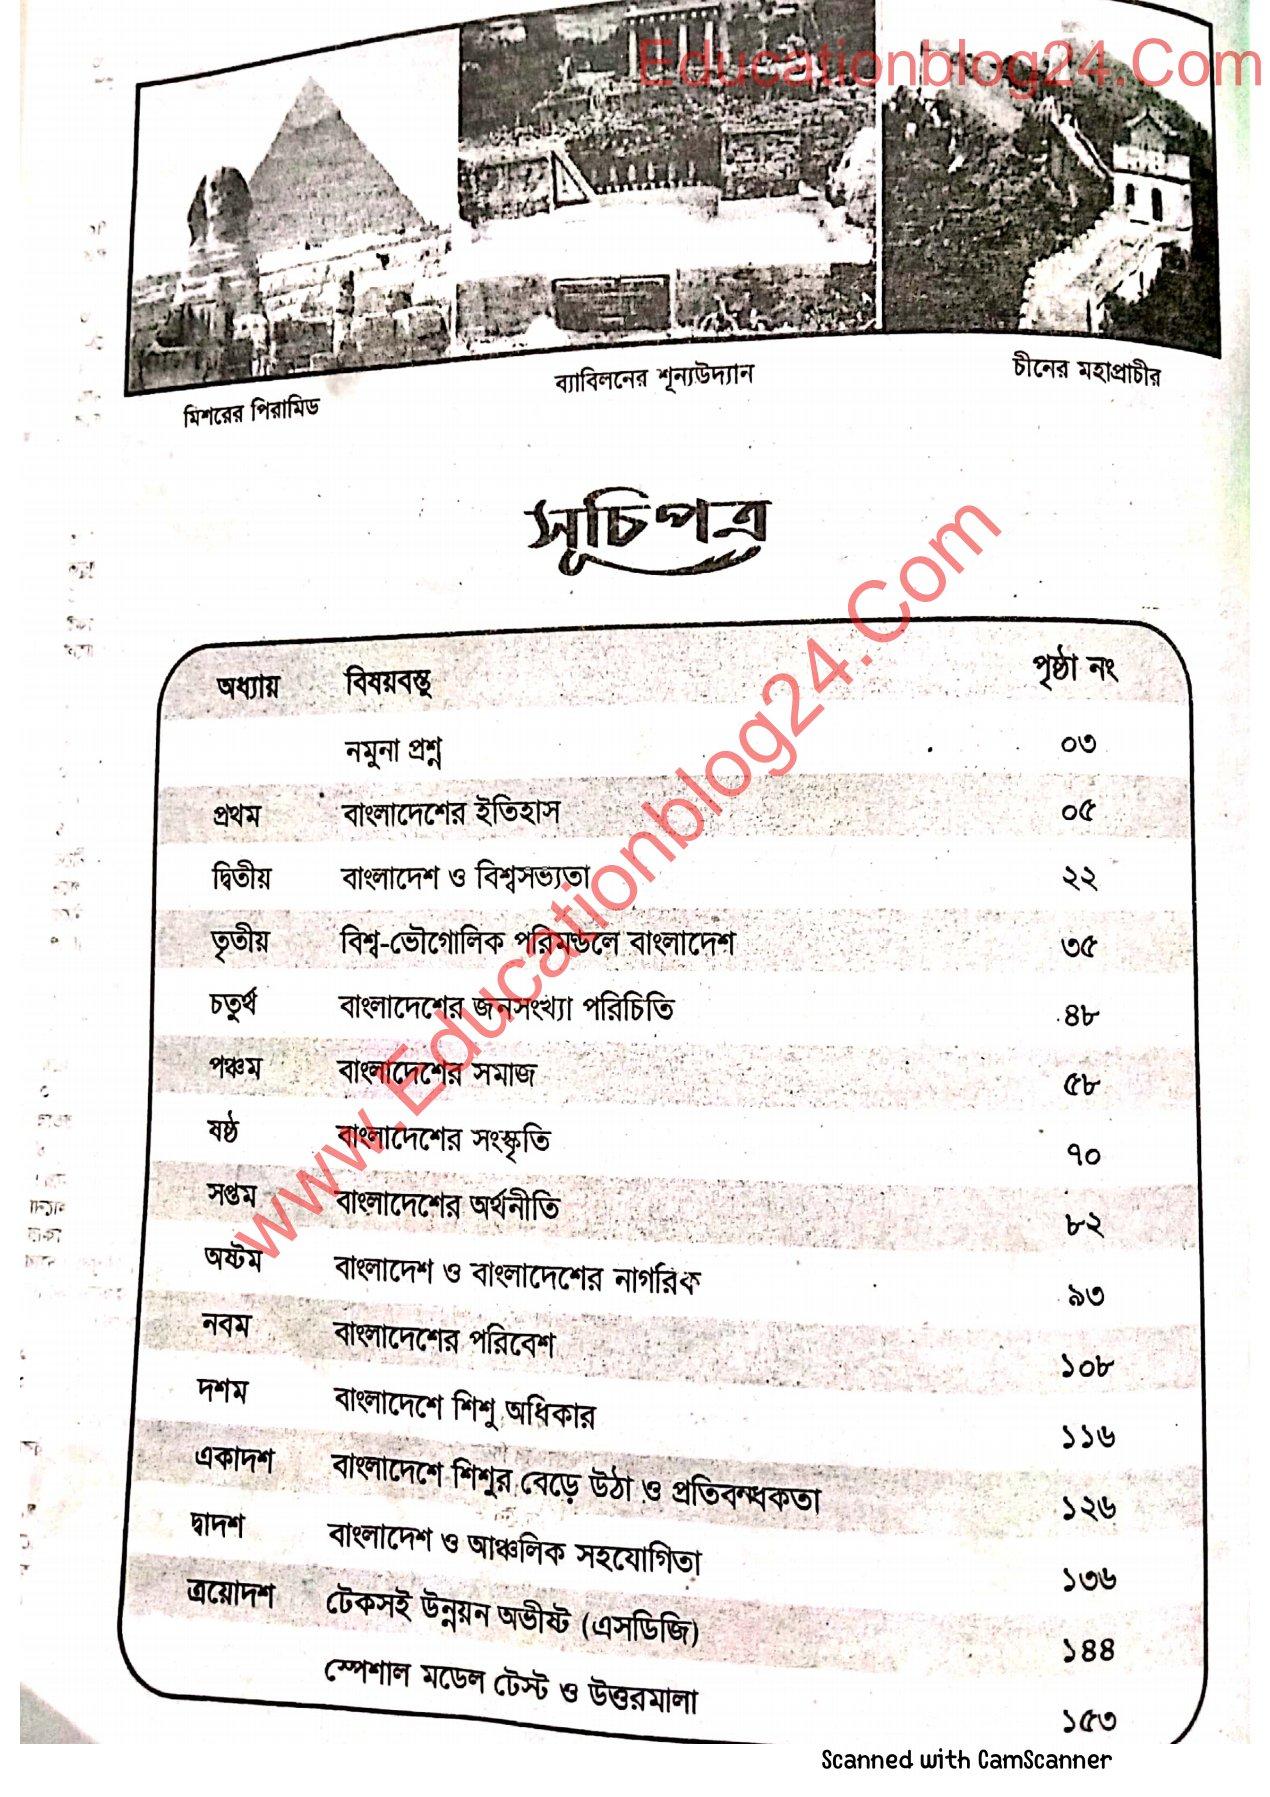 ষষ্ঠ শ্রেণির বাংলাদেশ ও বিশ্বপরিচয় গাইড PDF Download   Class 6 BGS Guide PDF Download